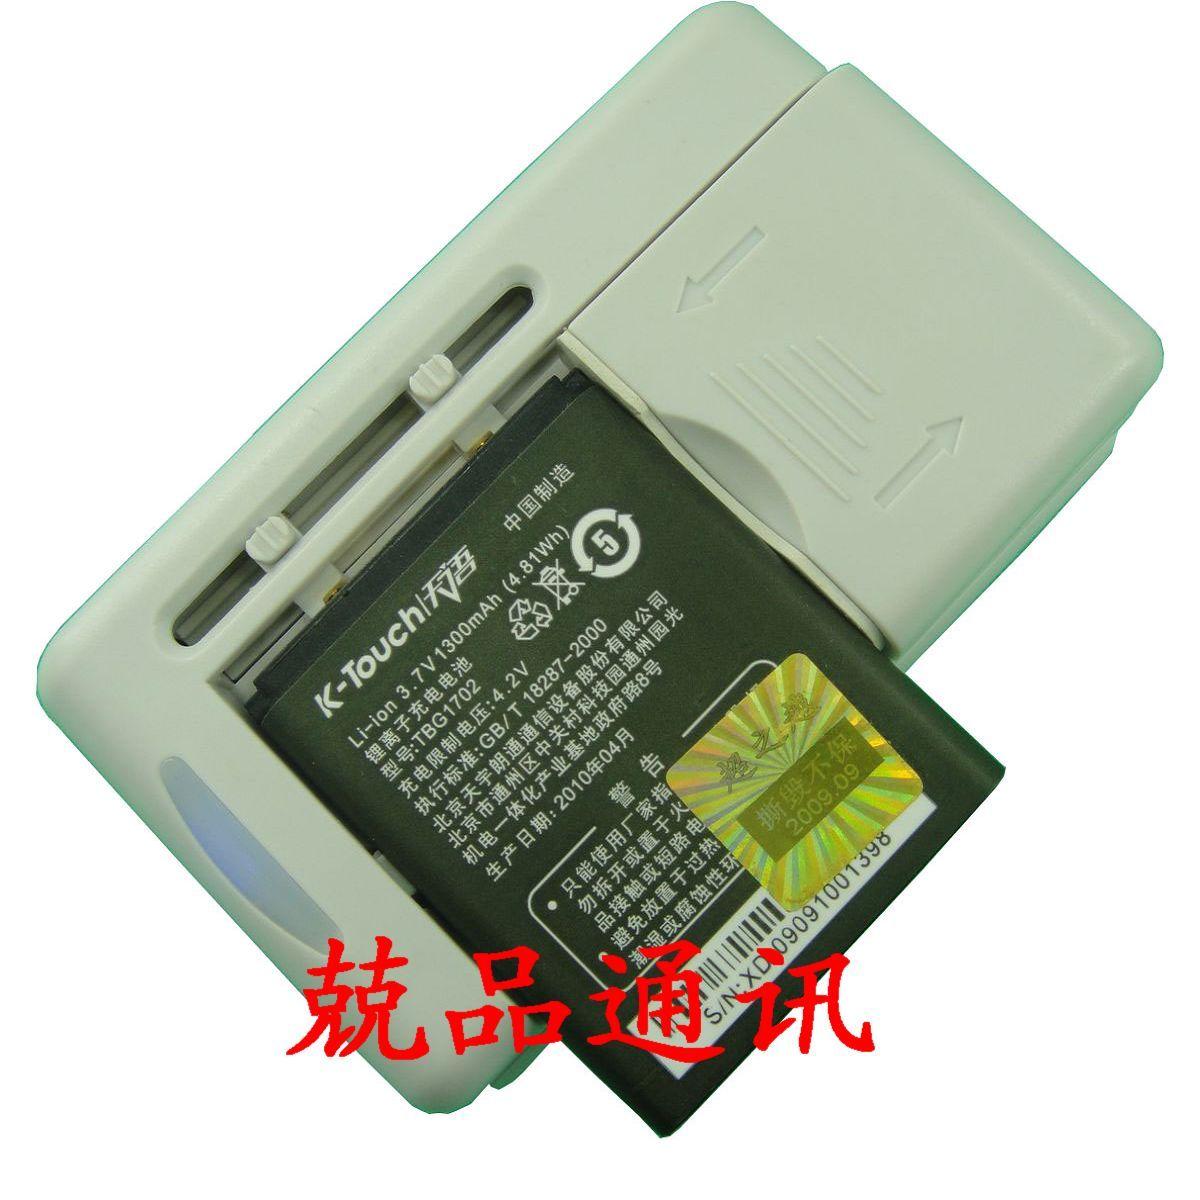 包邮 天语E329 M600 U2 A158 C700 C260 A510 D773原装电池座充 价格:16.00